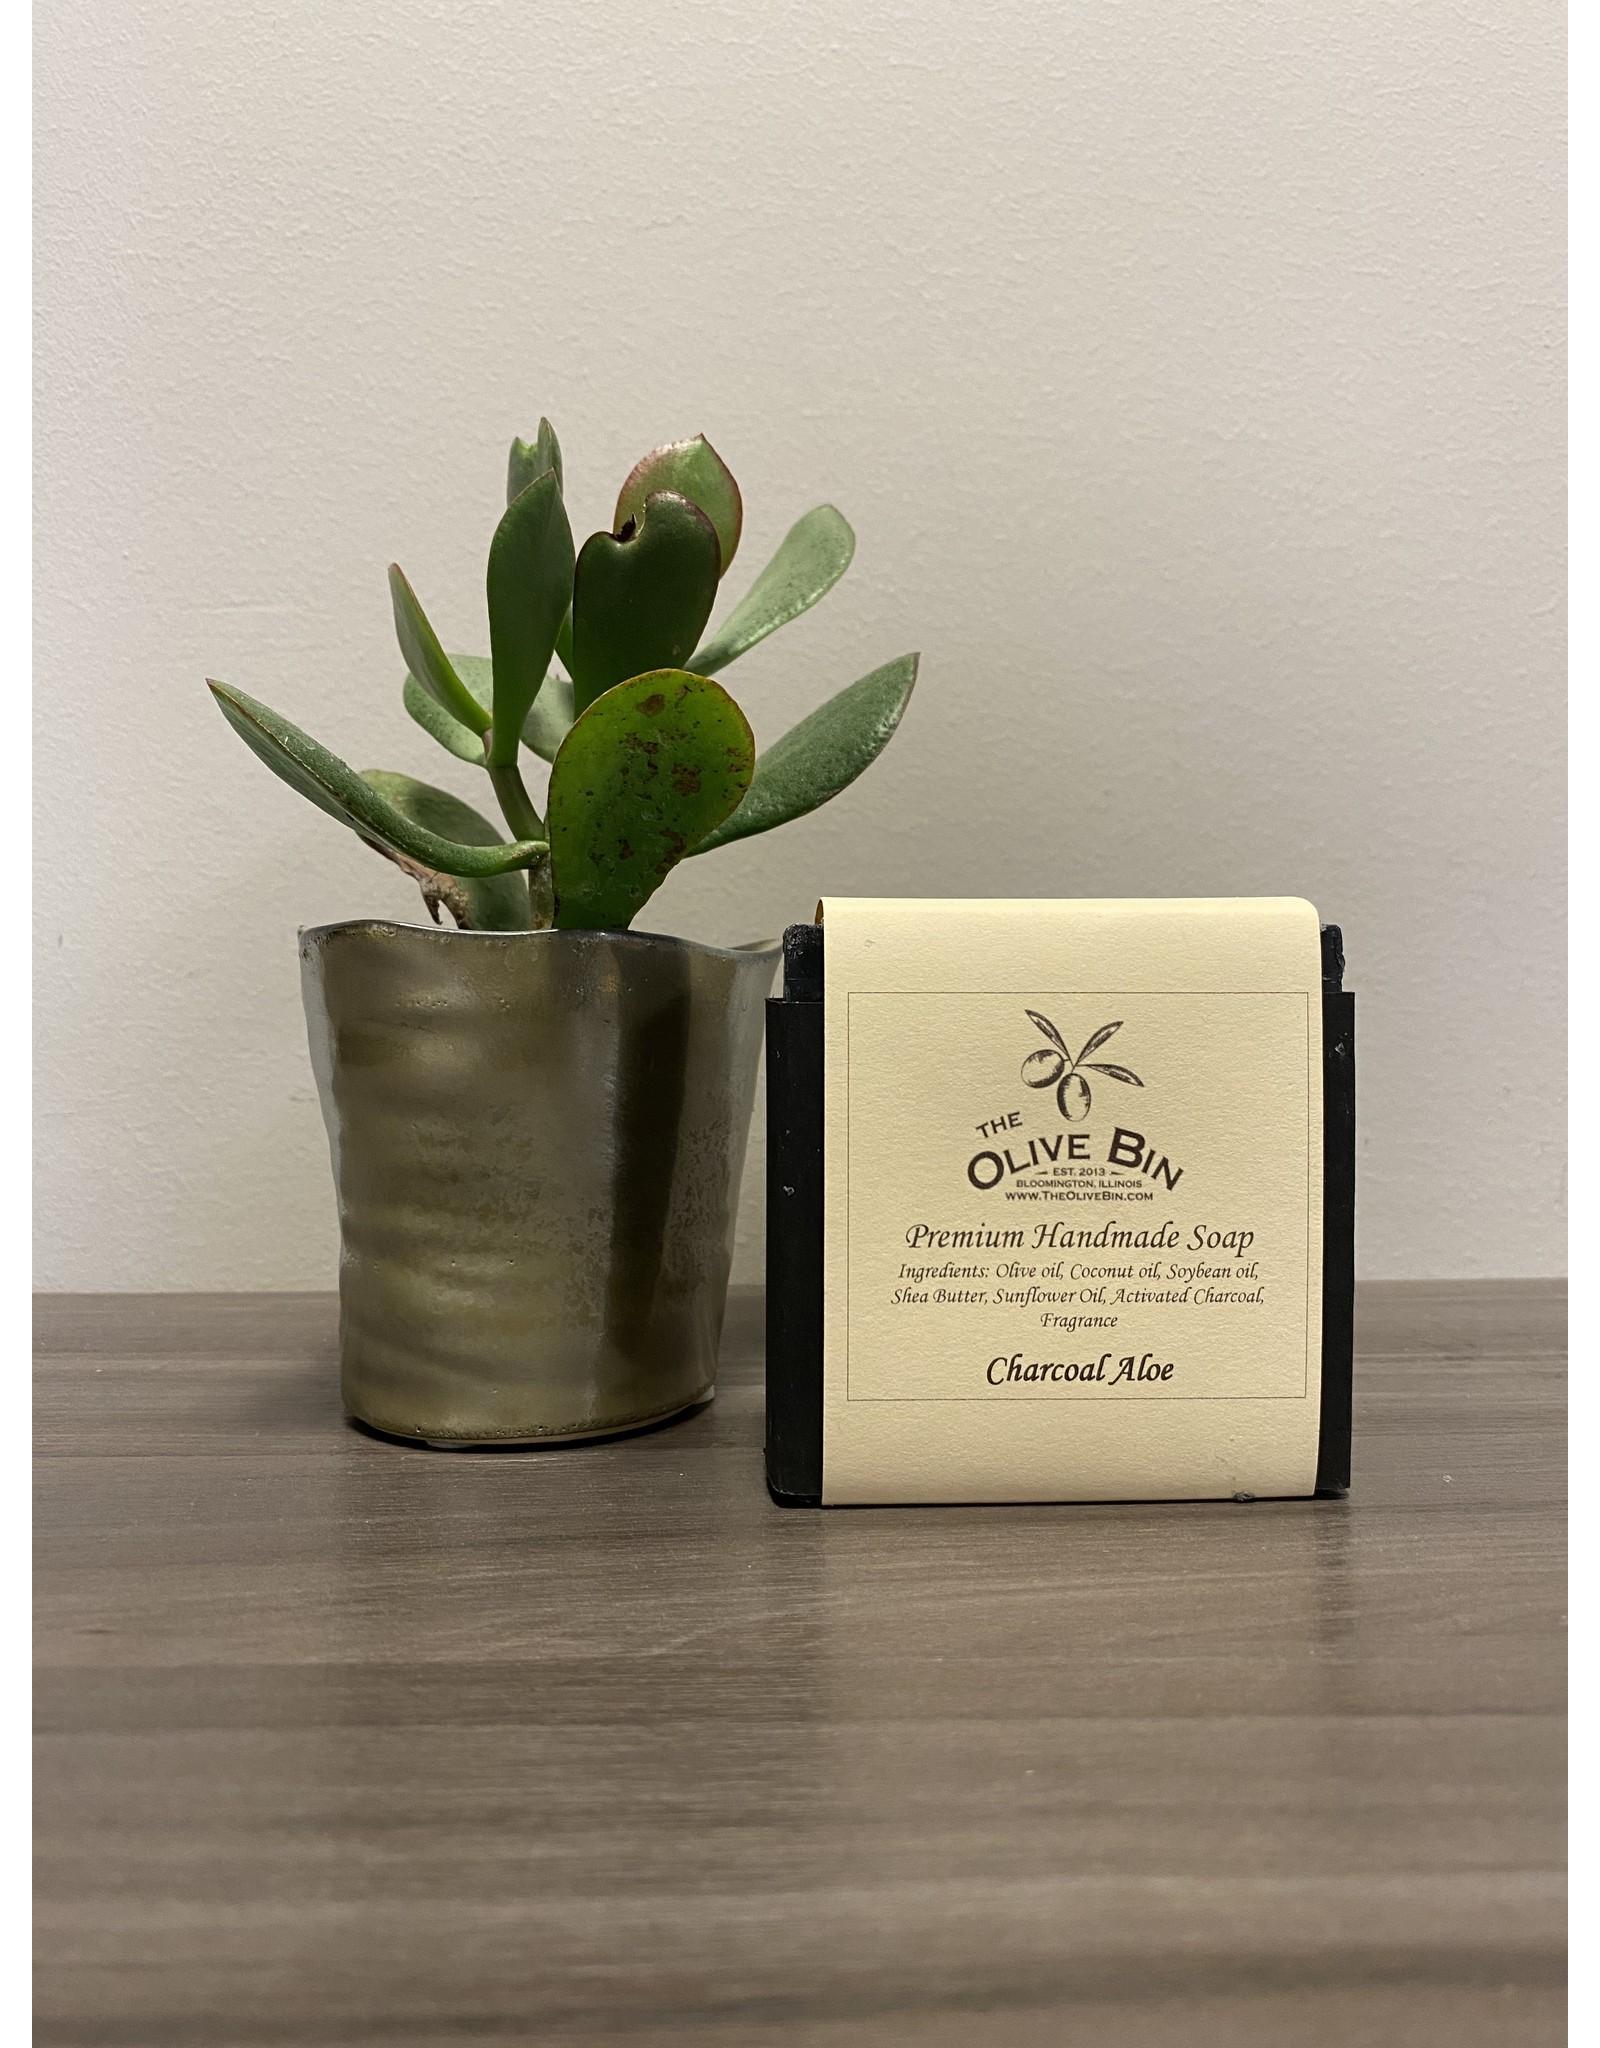 Charcoal Aloe Soap